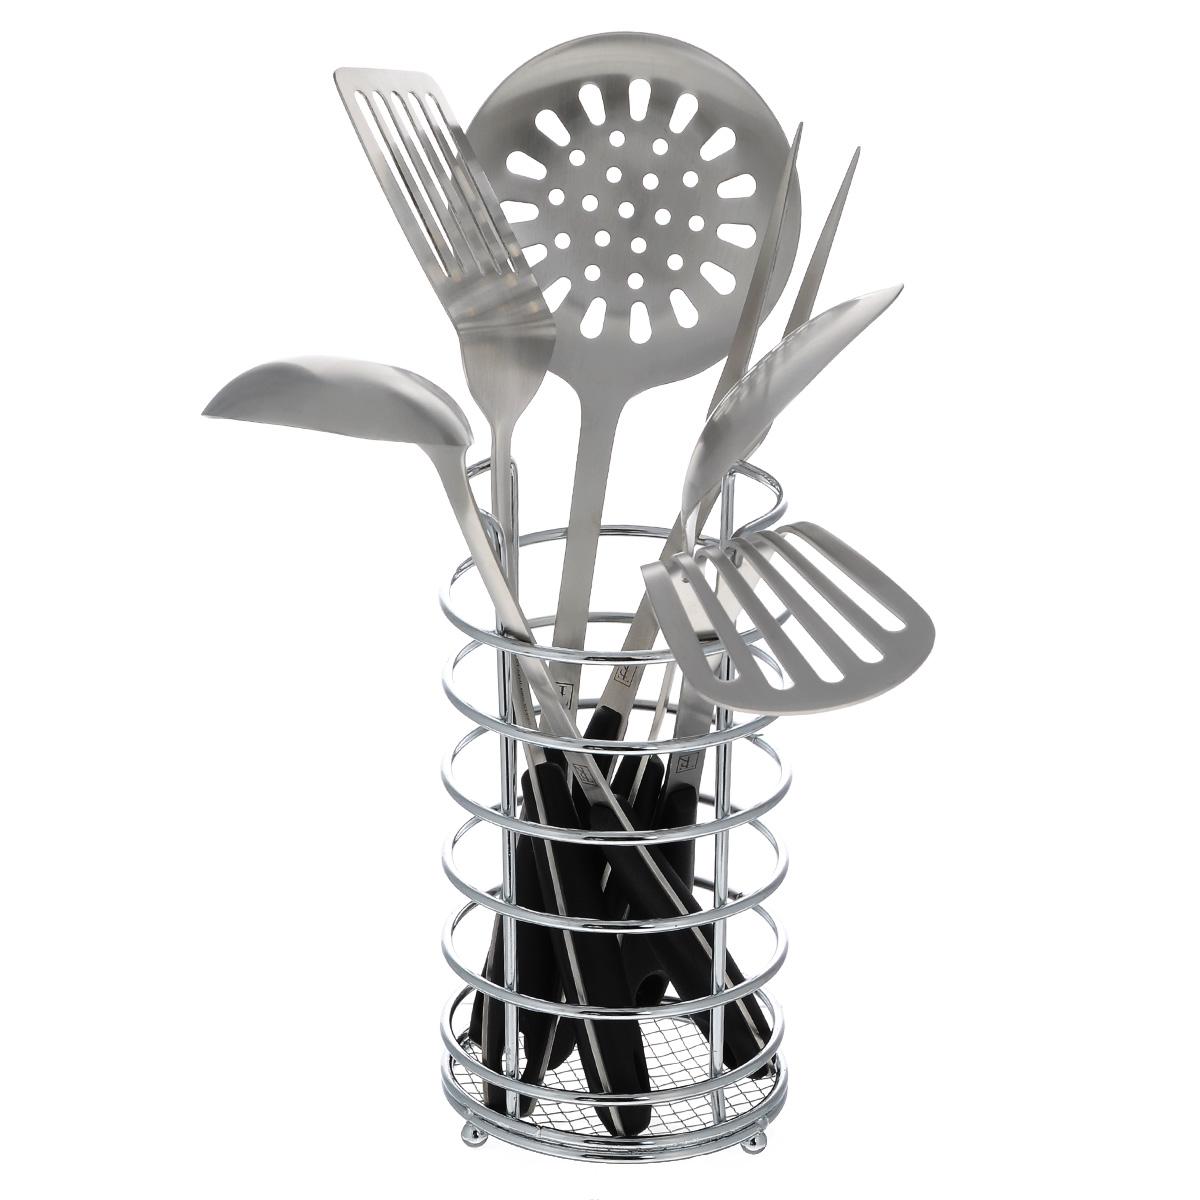 Набор кухонных принадлежностей Taller Кингсли, 7 предметовTR-1405Набор кухонных принадлежностей Taller Кингсли включает в себя: картофелемялку, половник, ложку поварскую, шумовку, вилку поварскую, лопатку перфорированную, подставку. Предметы набора выполнены из высококачественной нержавеющей стали 18/10. Ручки выполнены из бакелита и оснащены отверстиями на конце, благодаря которым, вы сможете их подвесить на подставку или в любое для вас удобное место. Эксклюзивный дизайн, эстетичность и функциональность набора Taller Кингсли позволят ему занять достойное место среди кухонного инвентаря. Рекомендована ручная мойка.